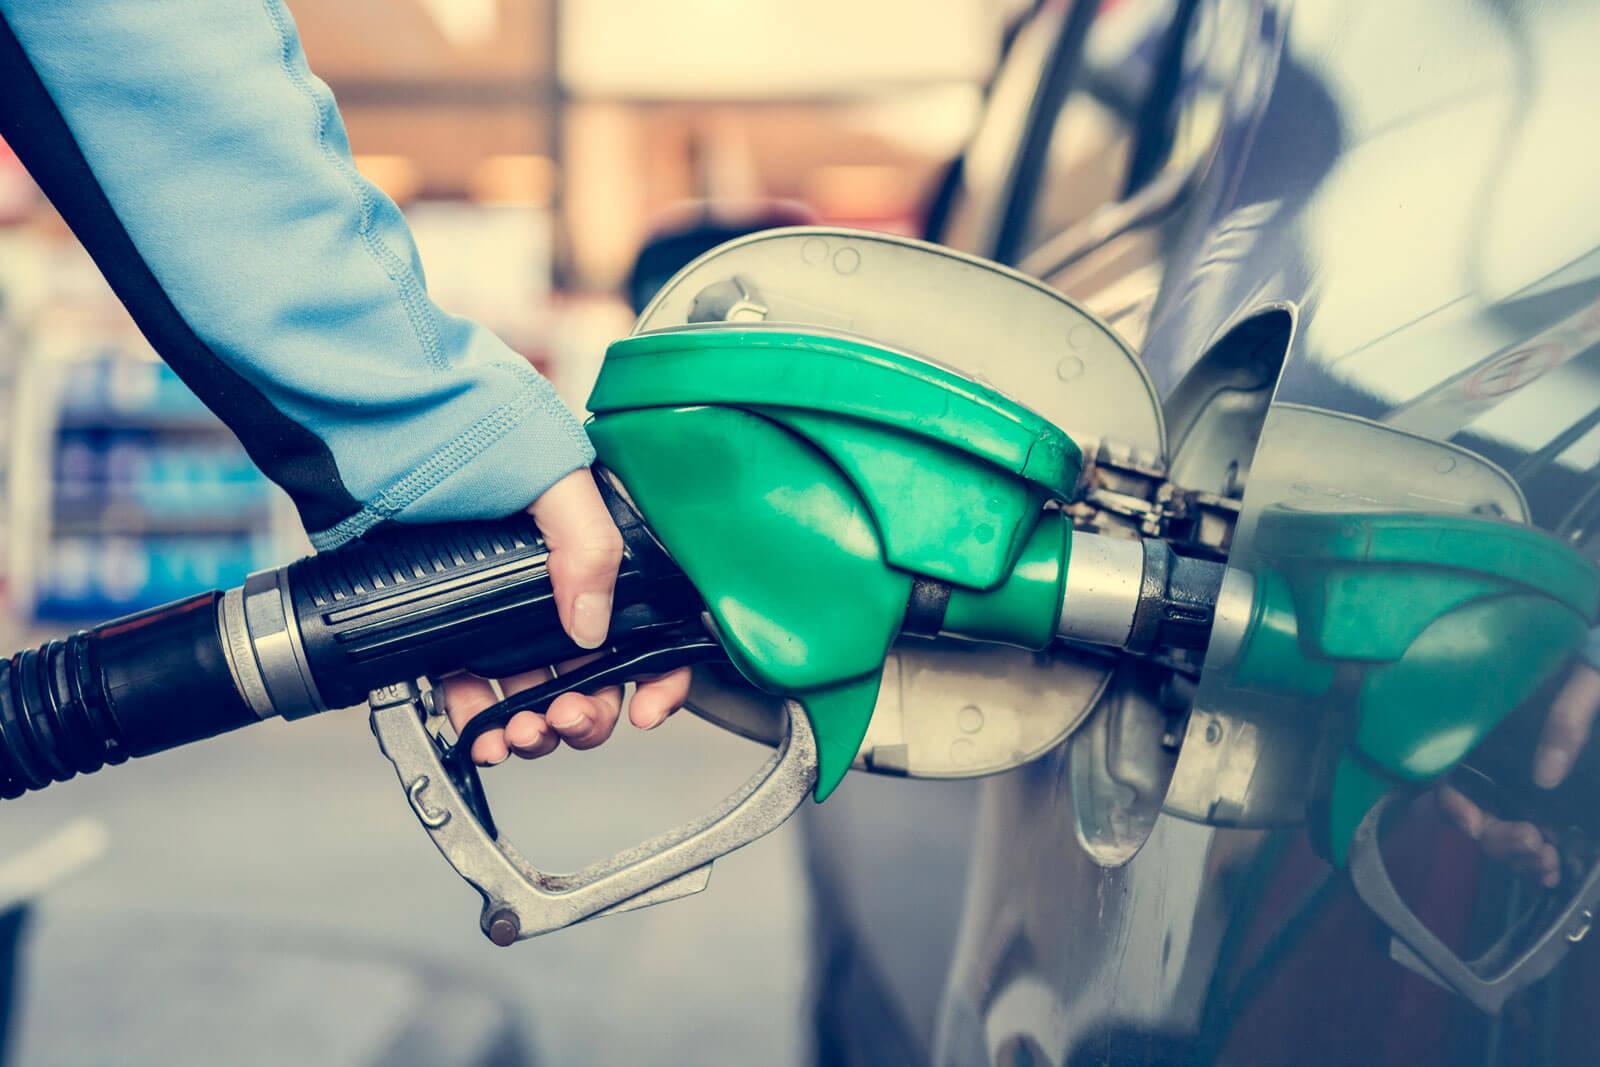 Garanta ao seu colaborador o cartão vale combustível que pode ser usado em uma rede ampla credenciada